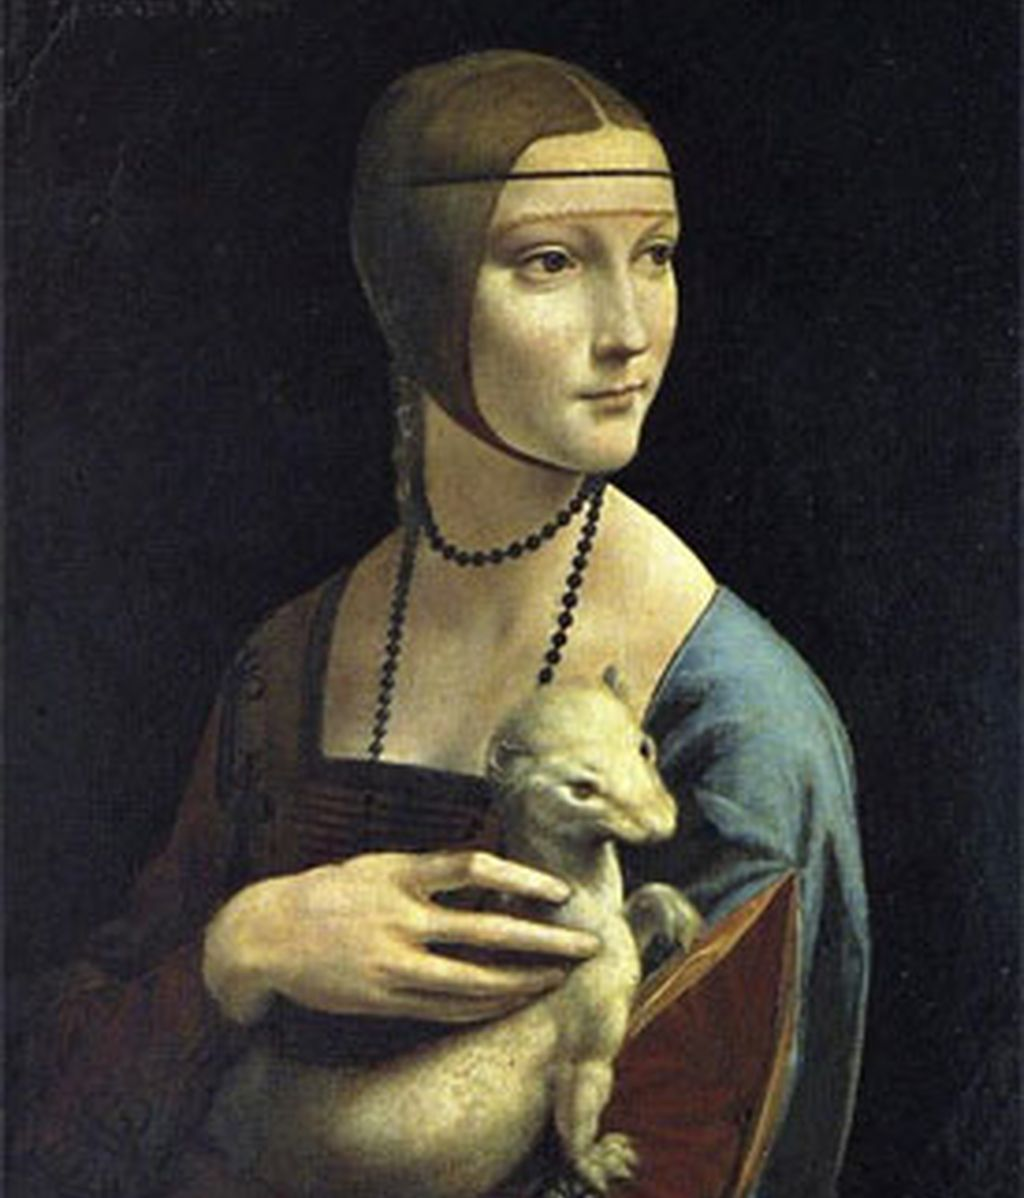 La obra de Leonardo da Vinci permanecerá expuesta en el Palacio Real hasta el próximo 18 de agosto. Foto: EFE